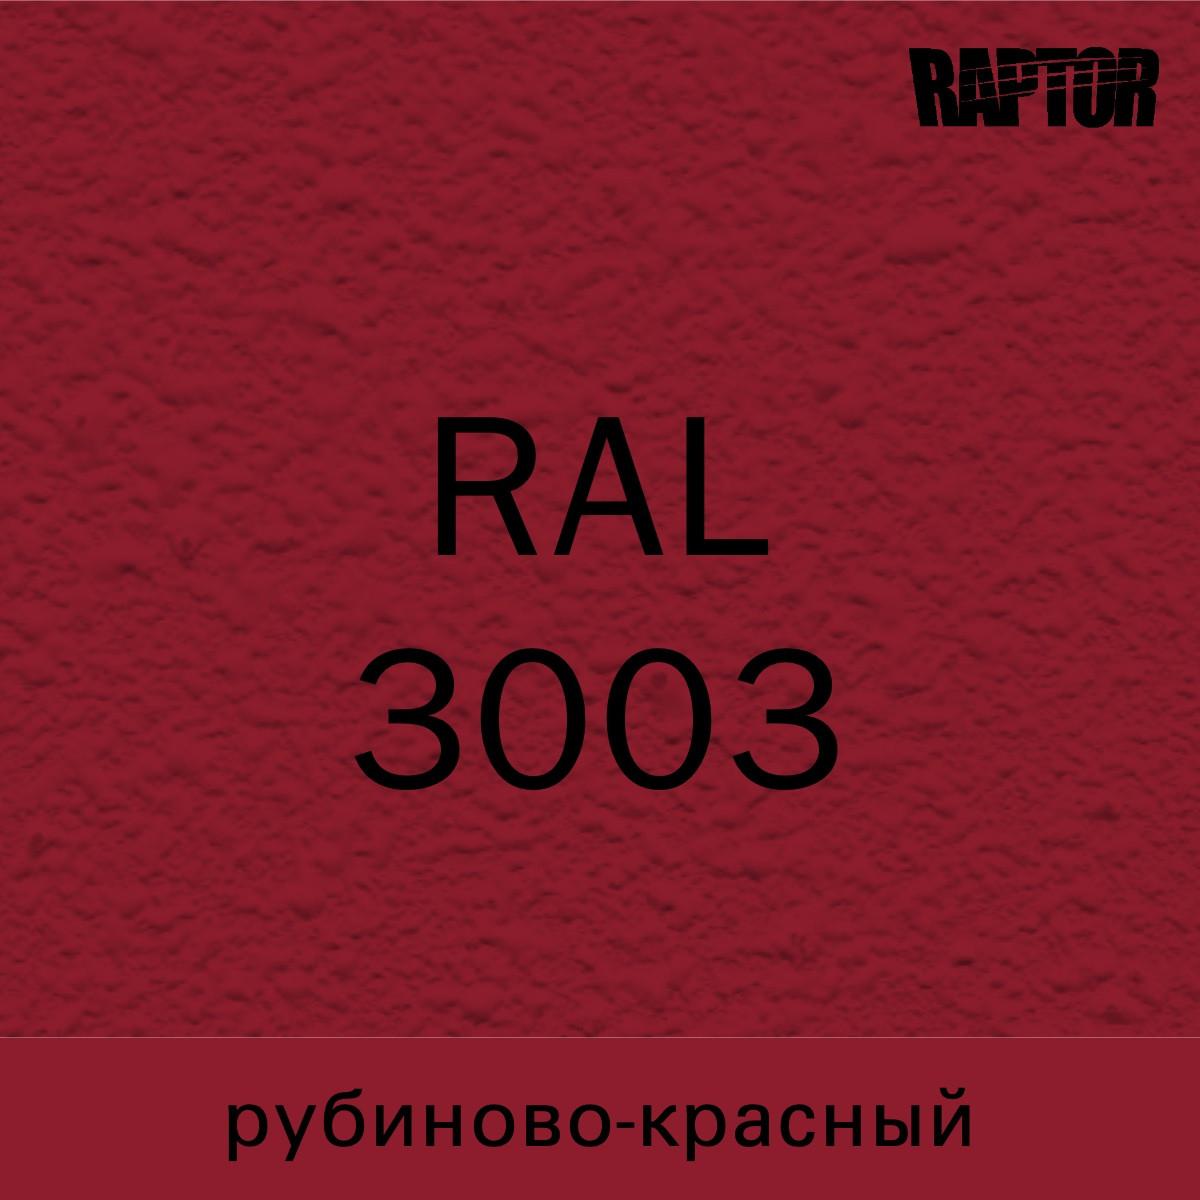 Пигмент для колеровки покрытия RAPTOR™ Рубиново-красный (RAL 3003)